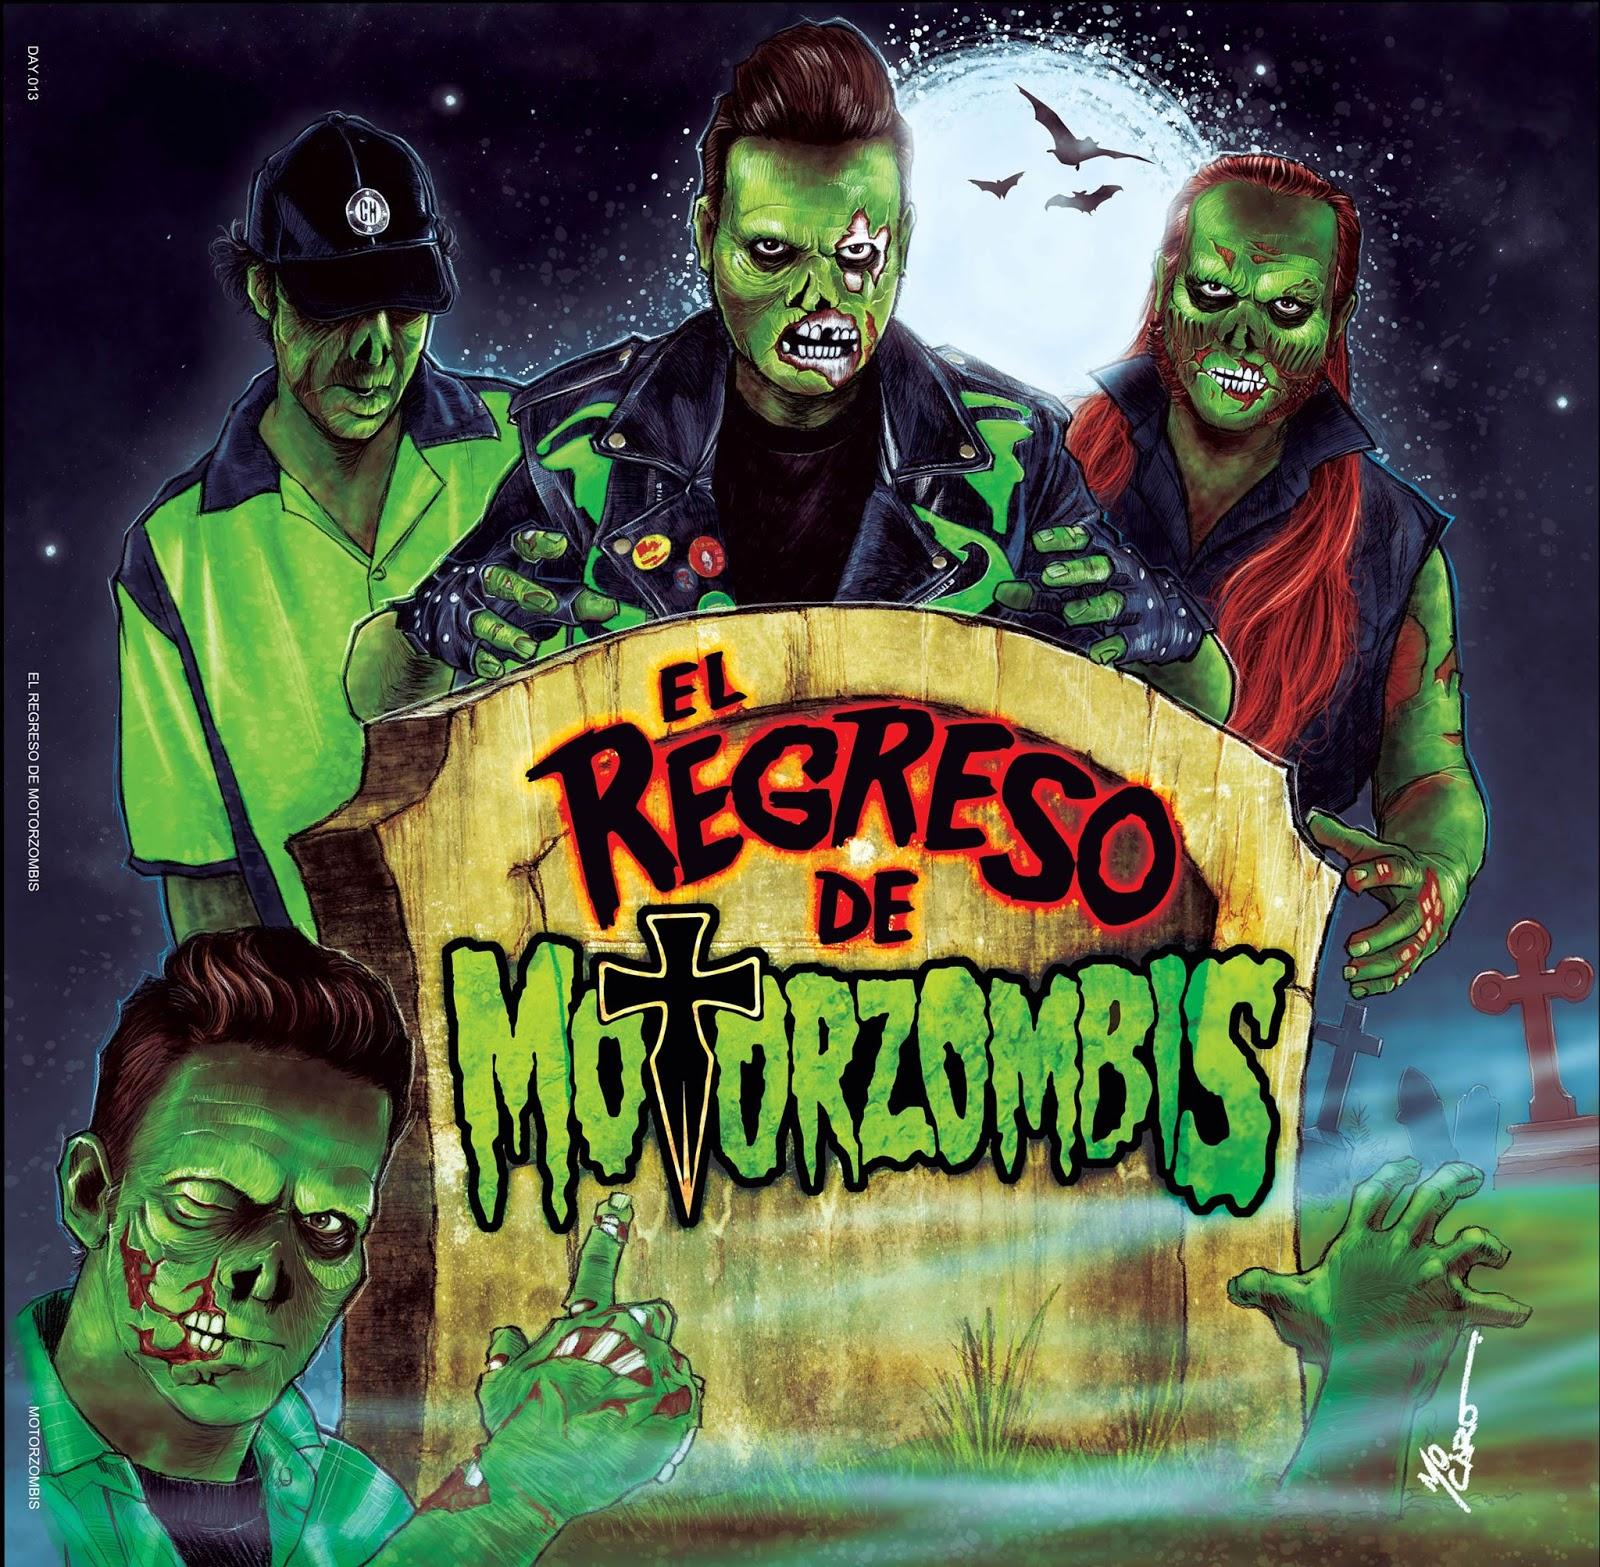 """Portada del segundo LP de la banda, """"El Regreso de Motorzombis""""."""